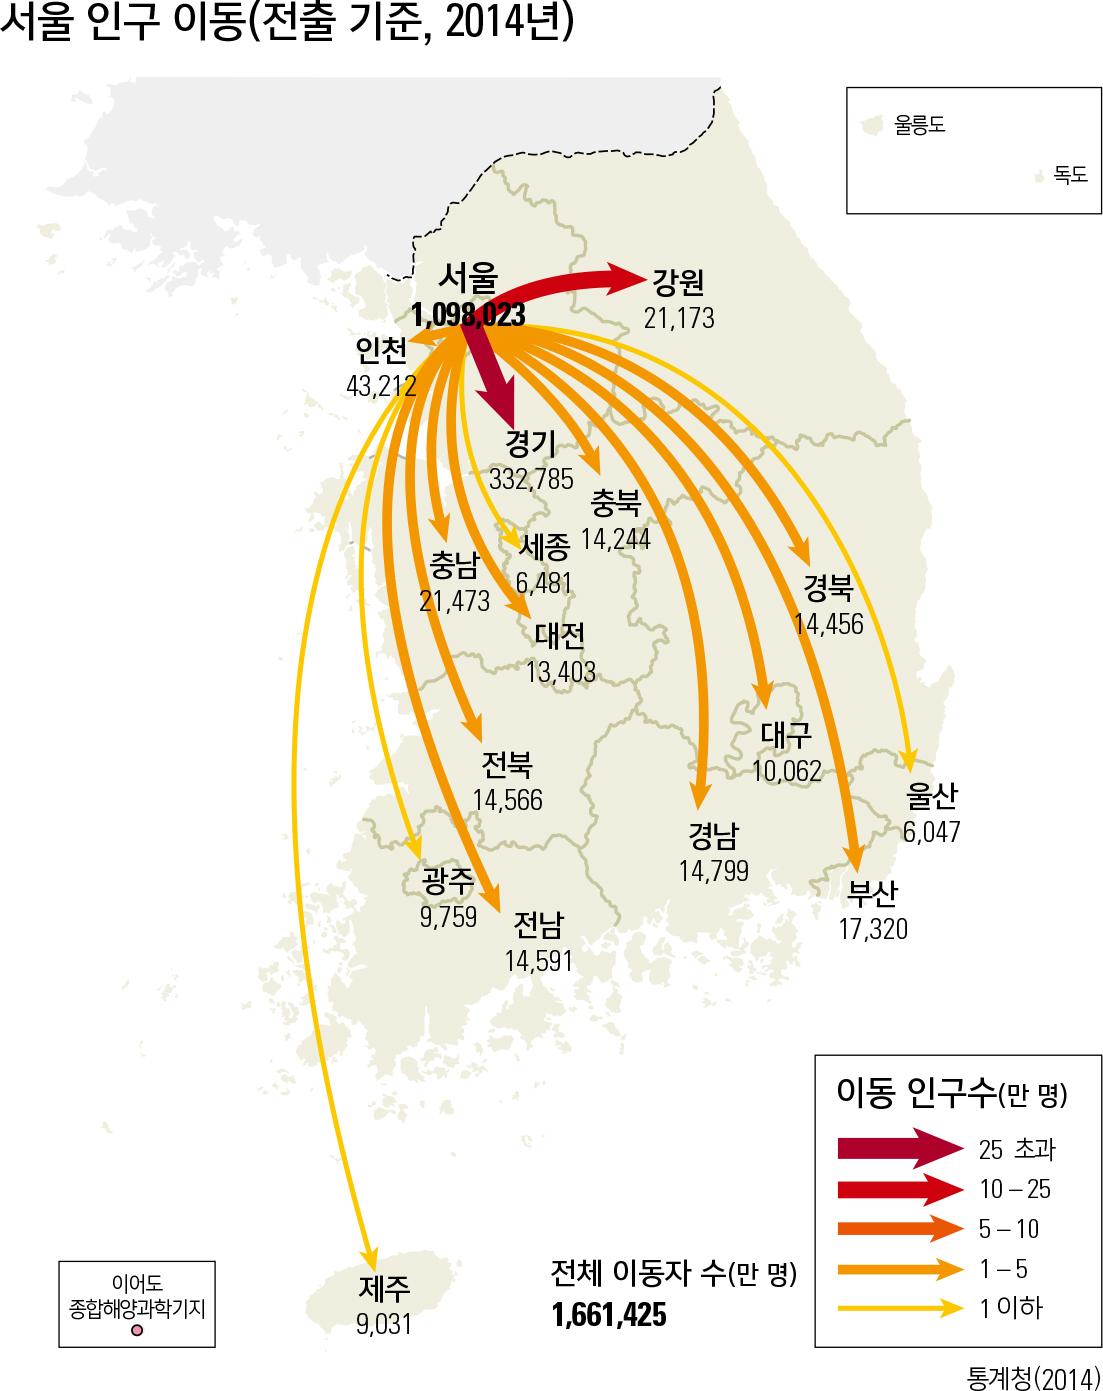 서울 인구 이동(전출 기준, 2014년)